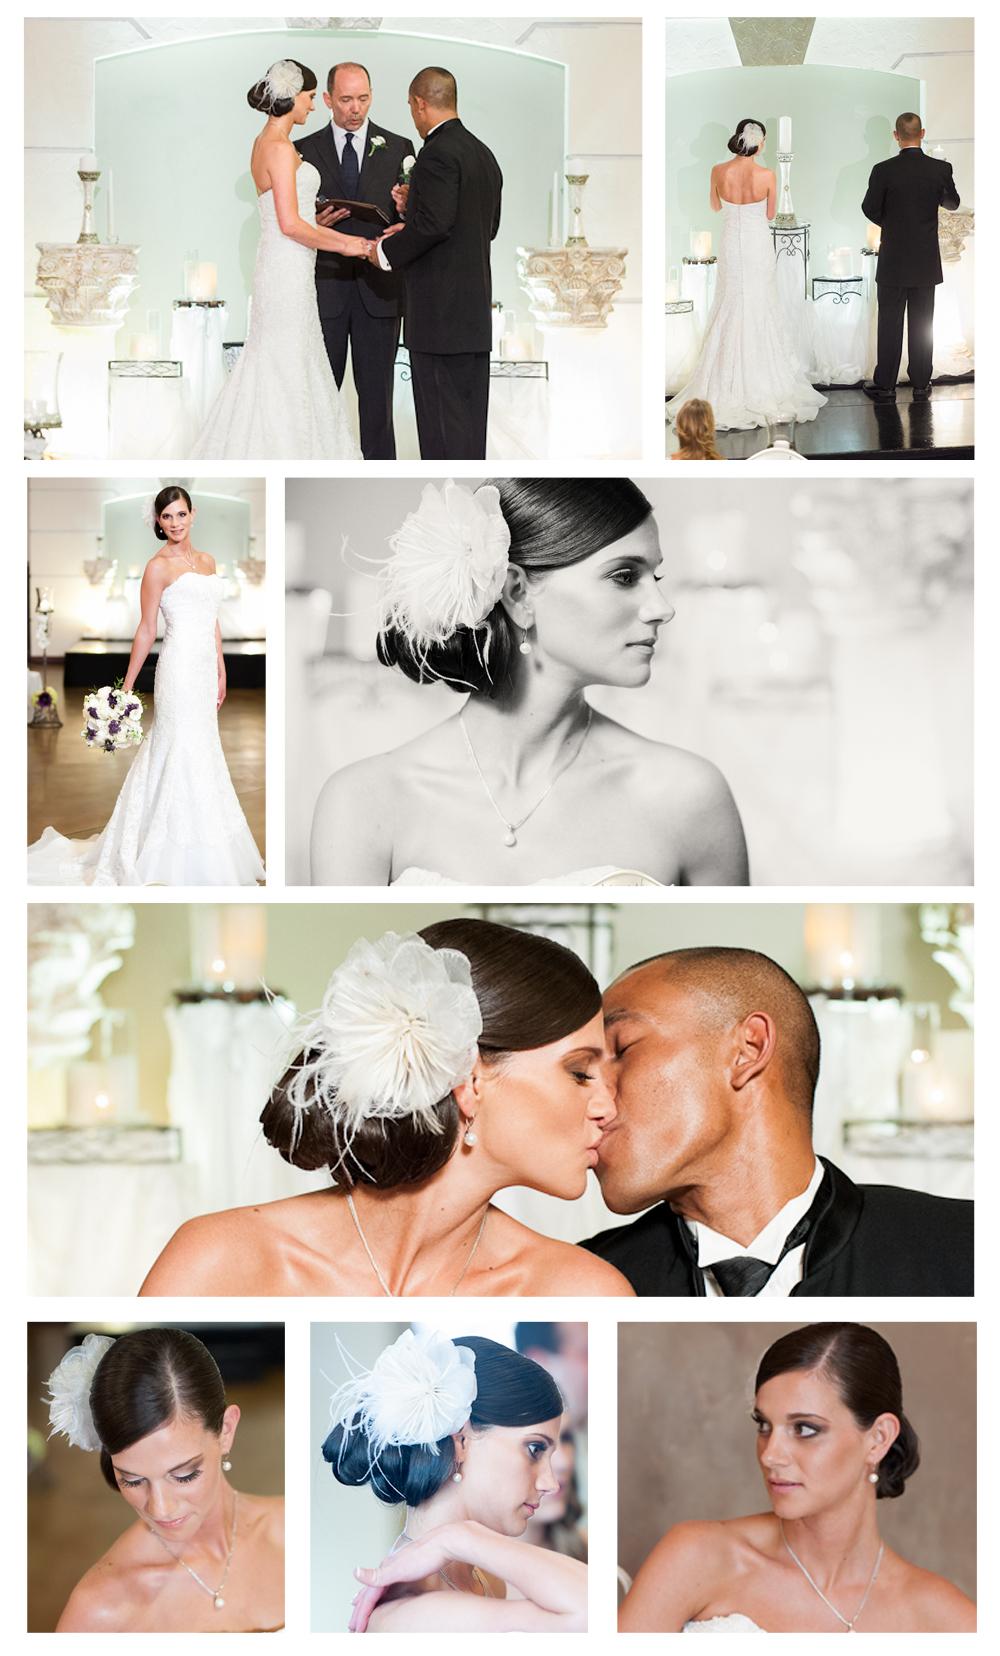 Kelsey+Boczak-Collage.jpg